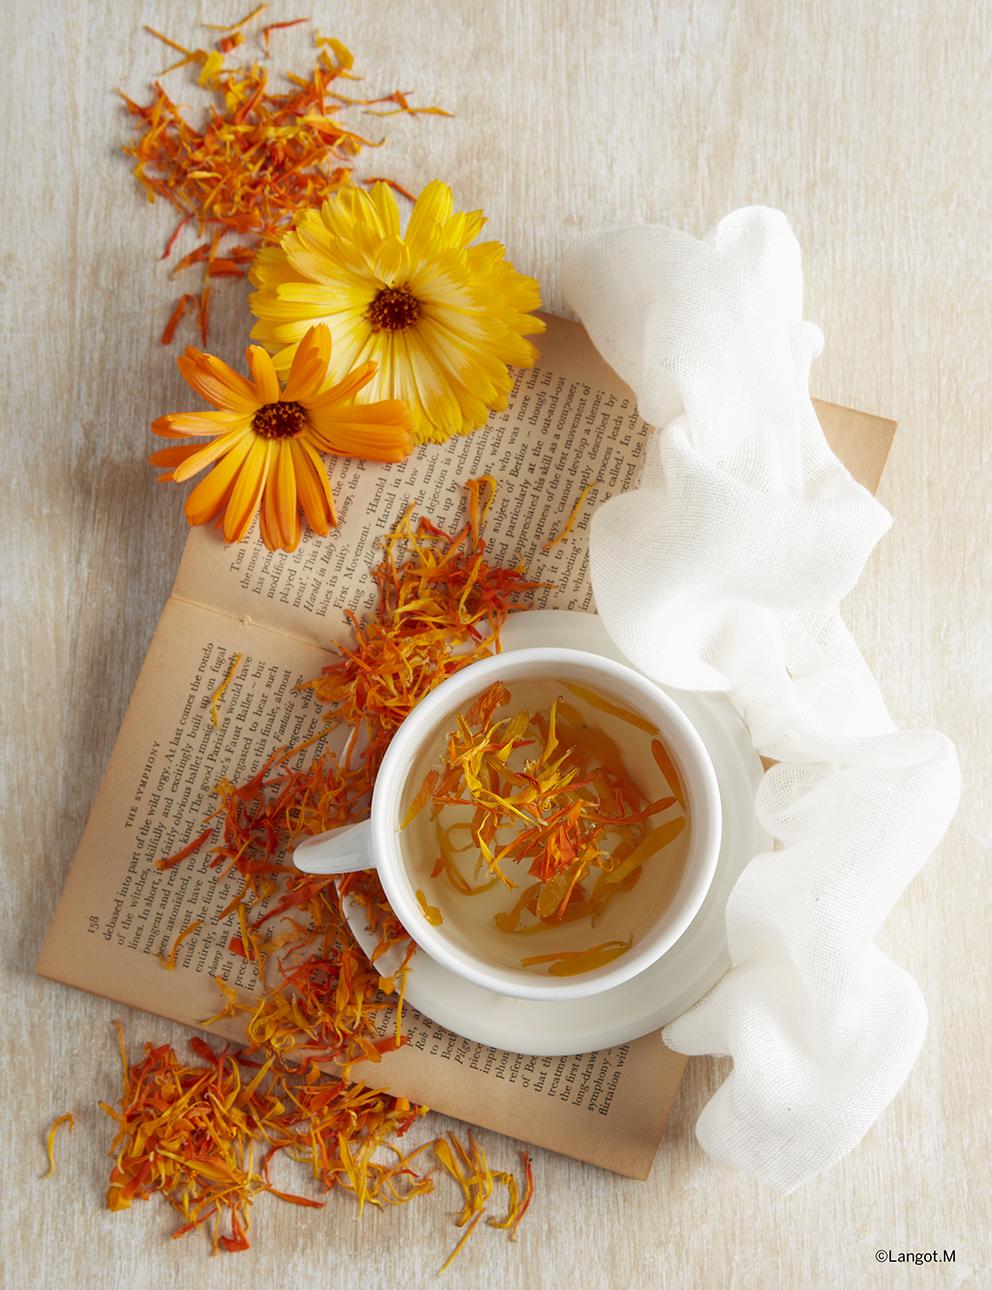 fiori calendula secchi